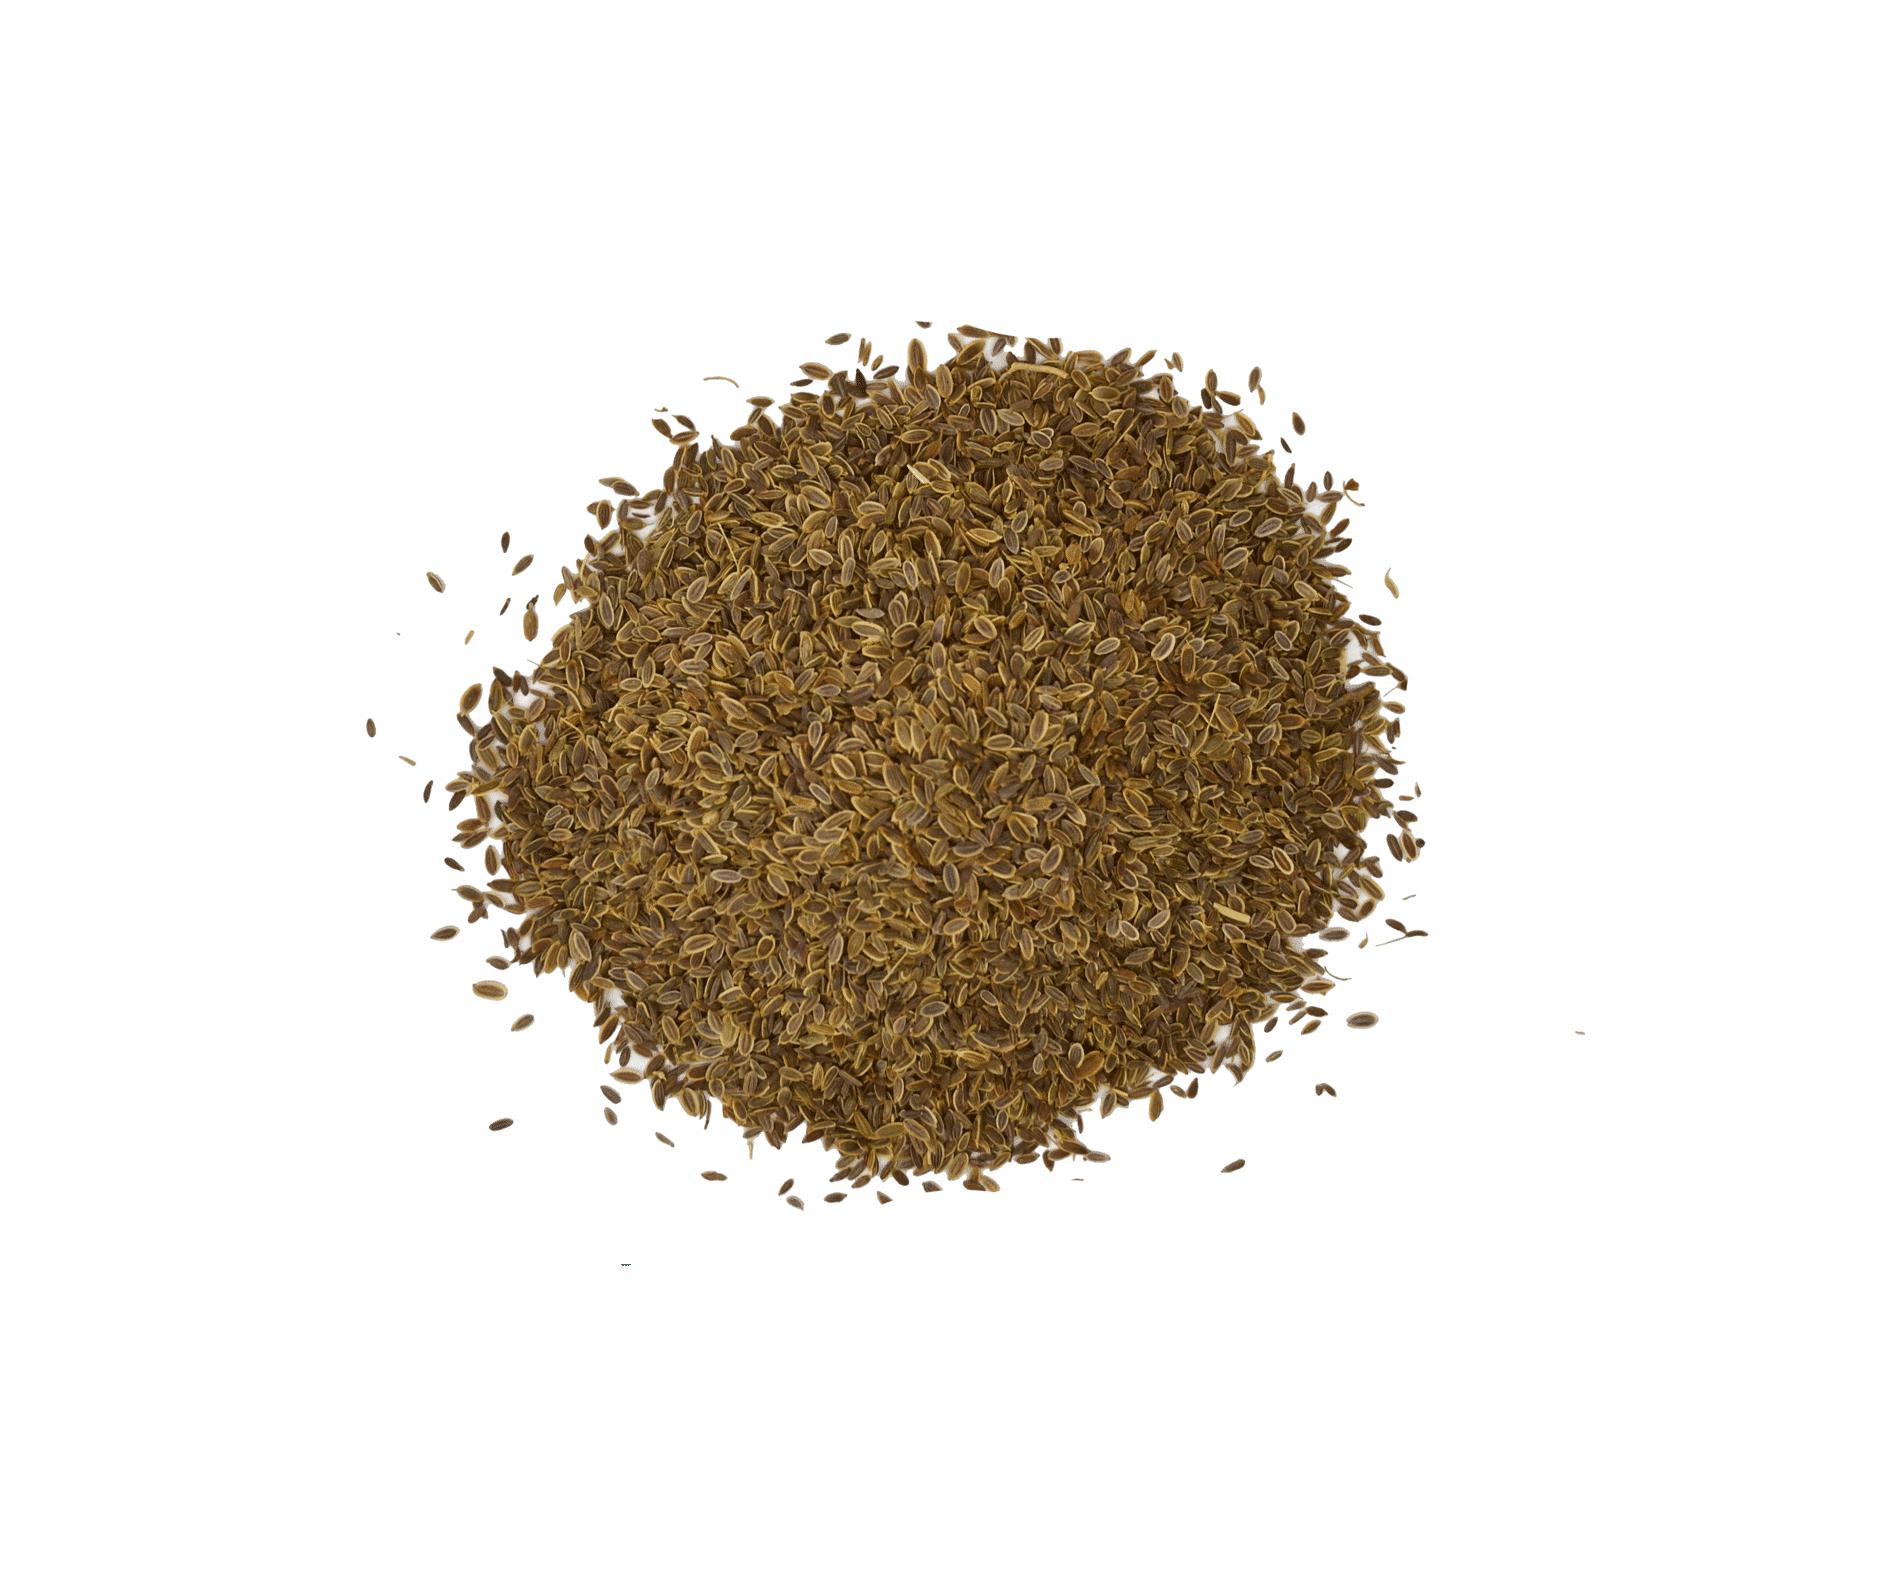 Eneldo semillas a granel en nuestra tienda online de frutos secos secofrut.com